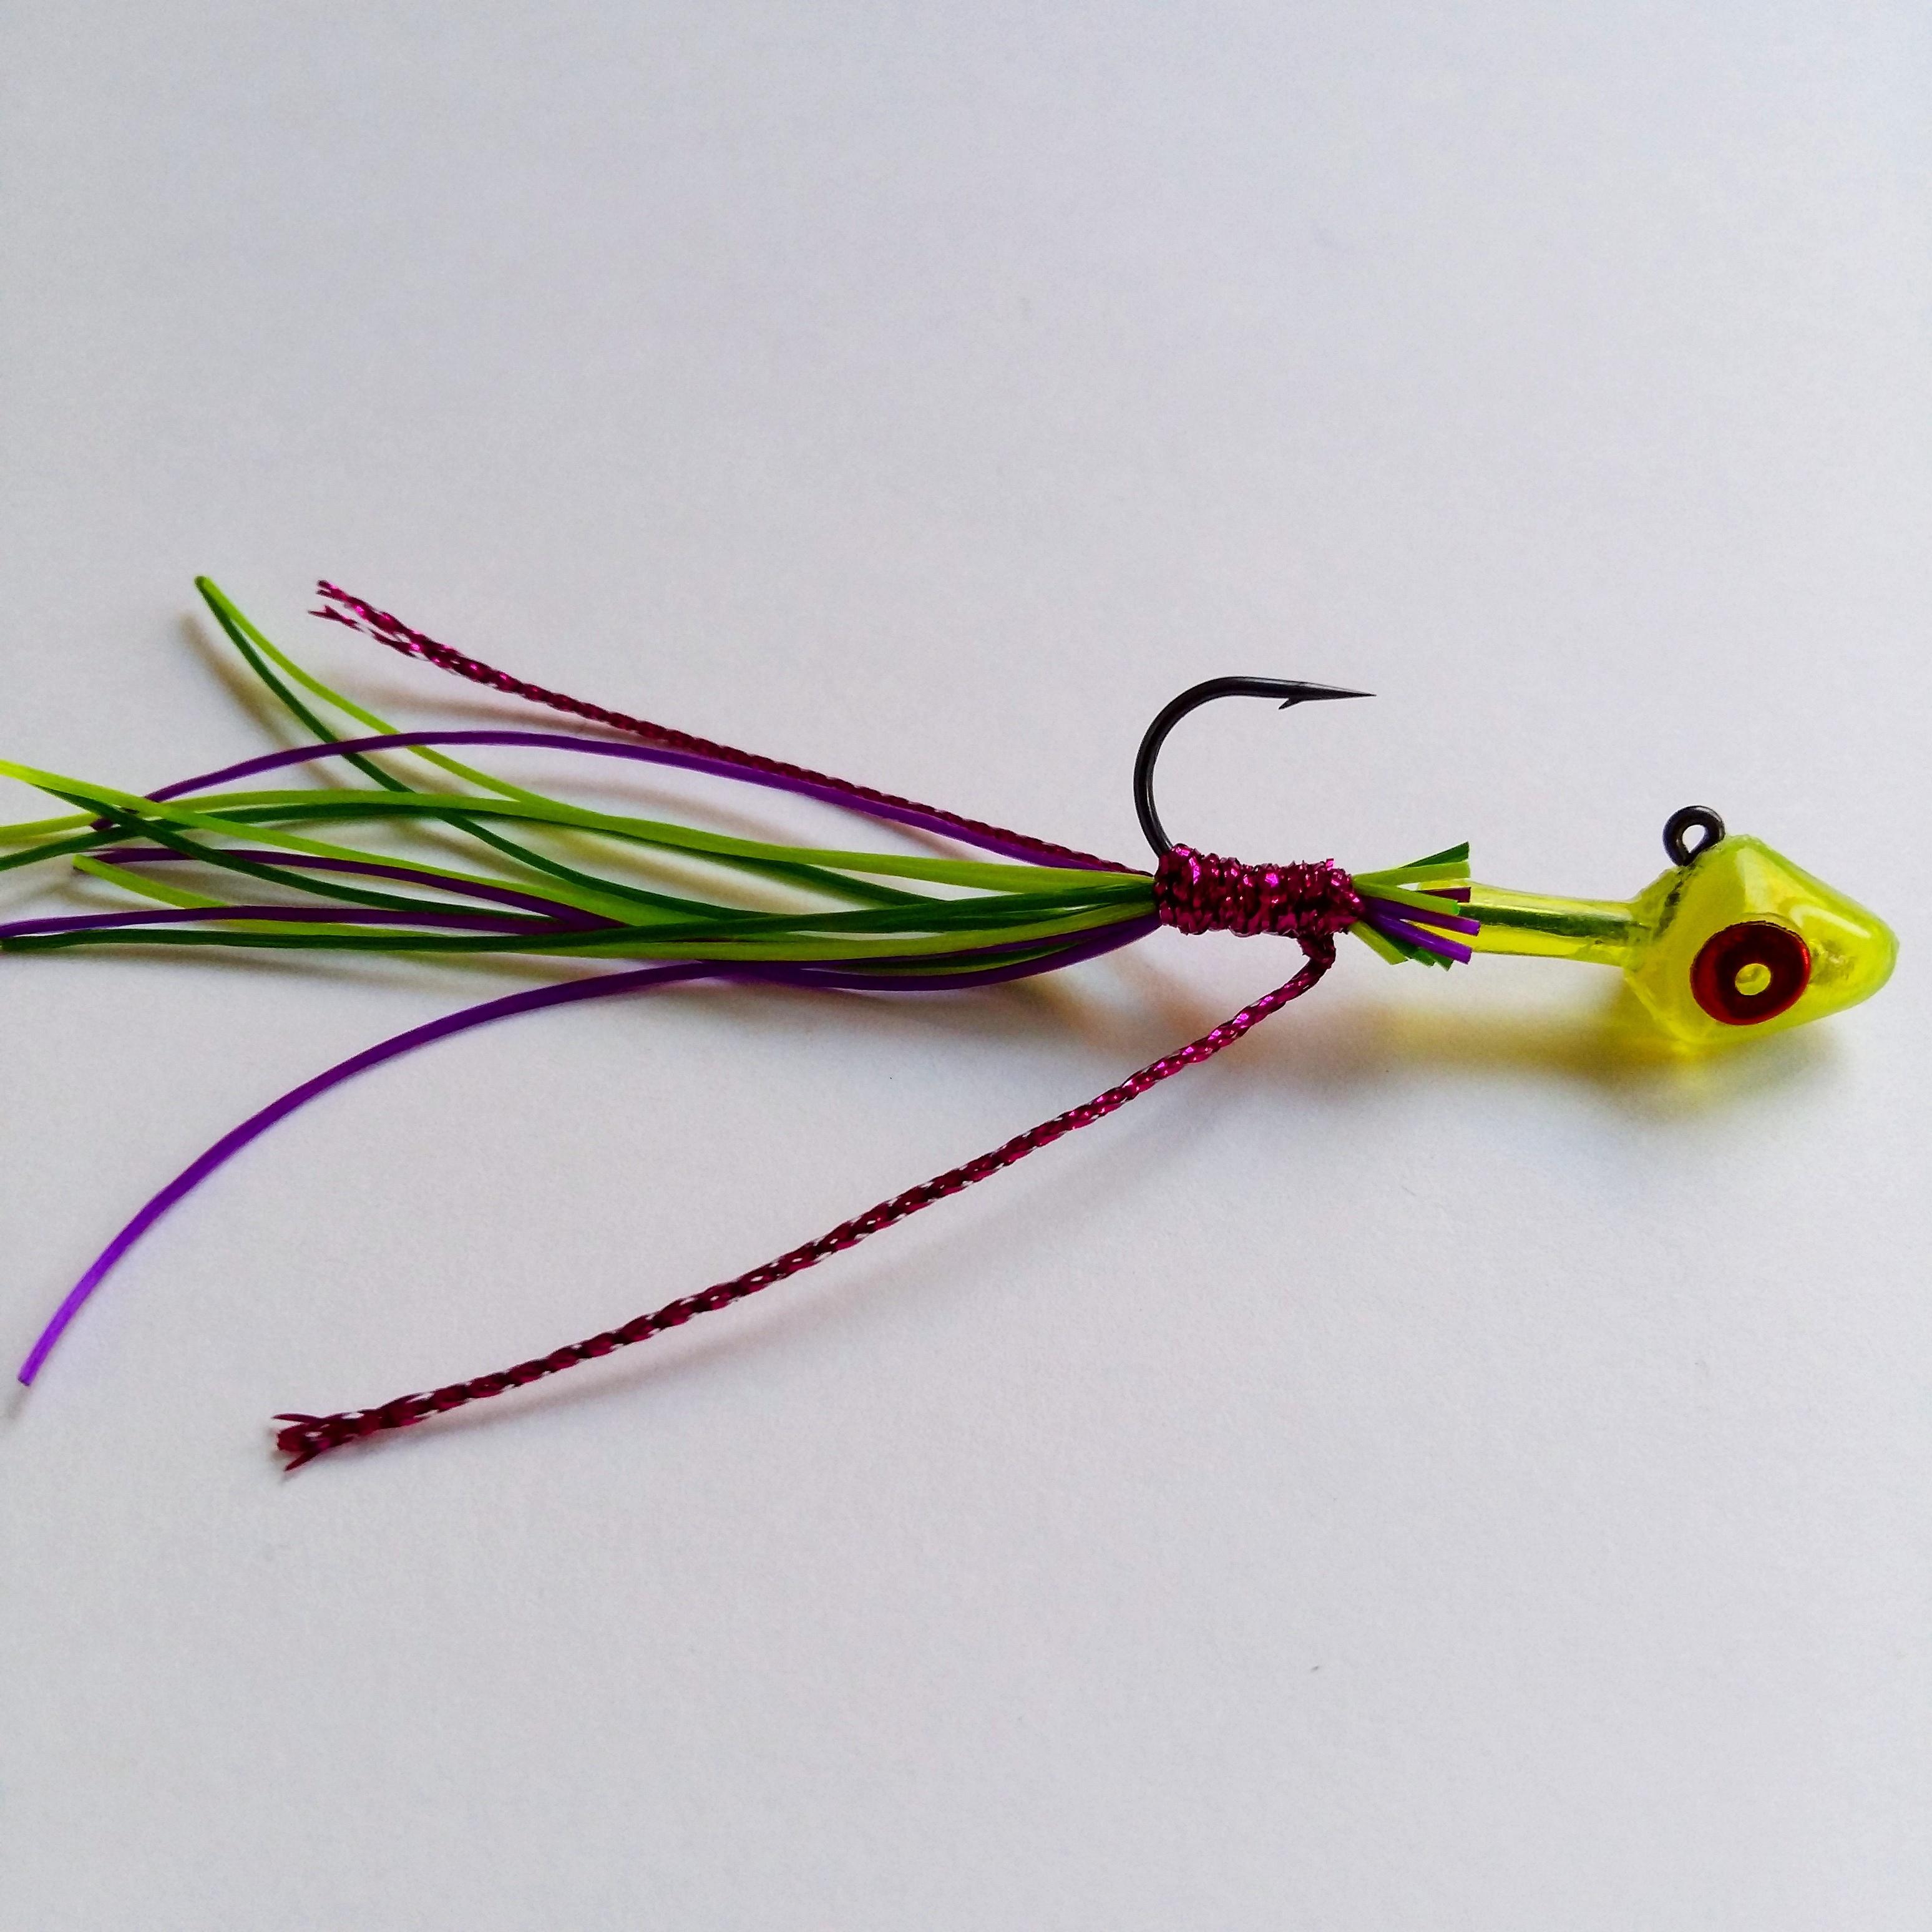 flyfishing LM 21